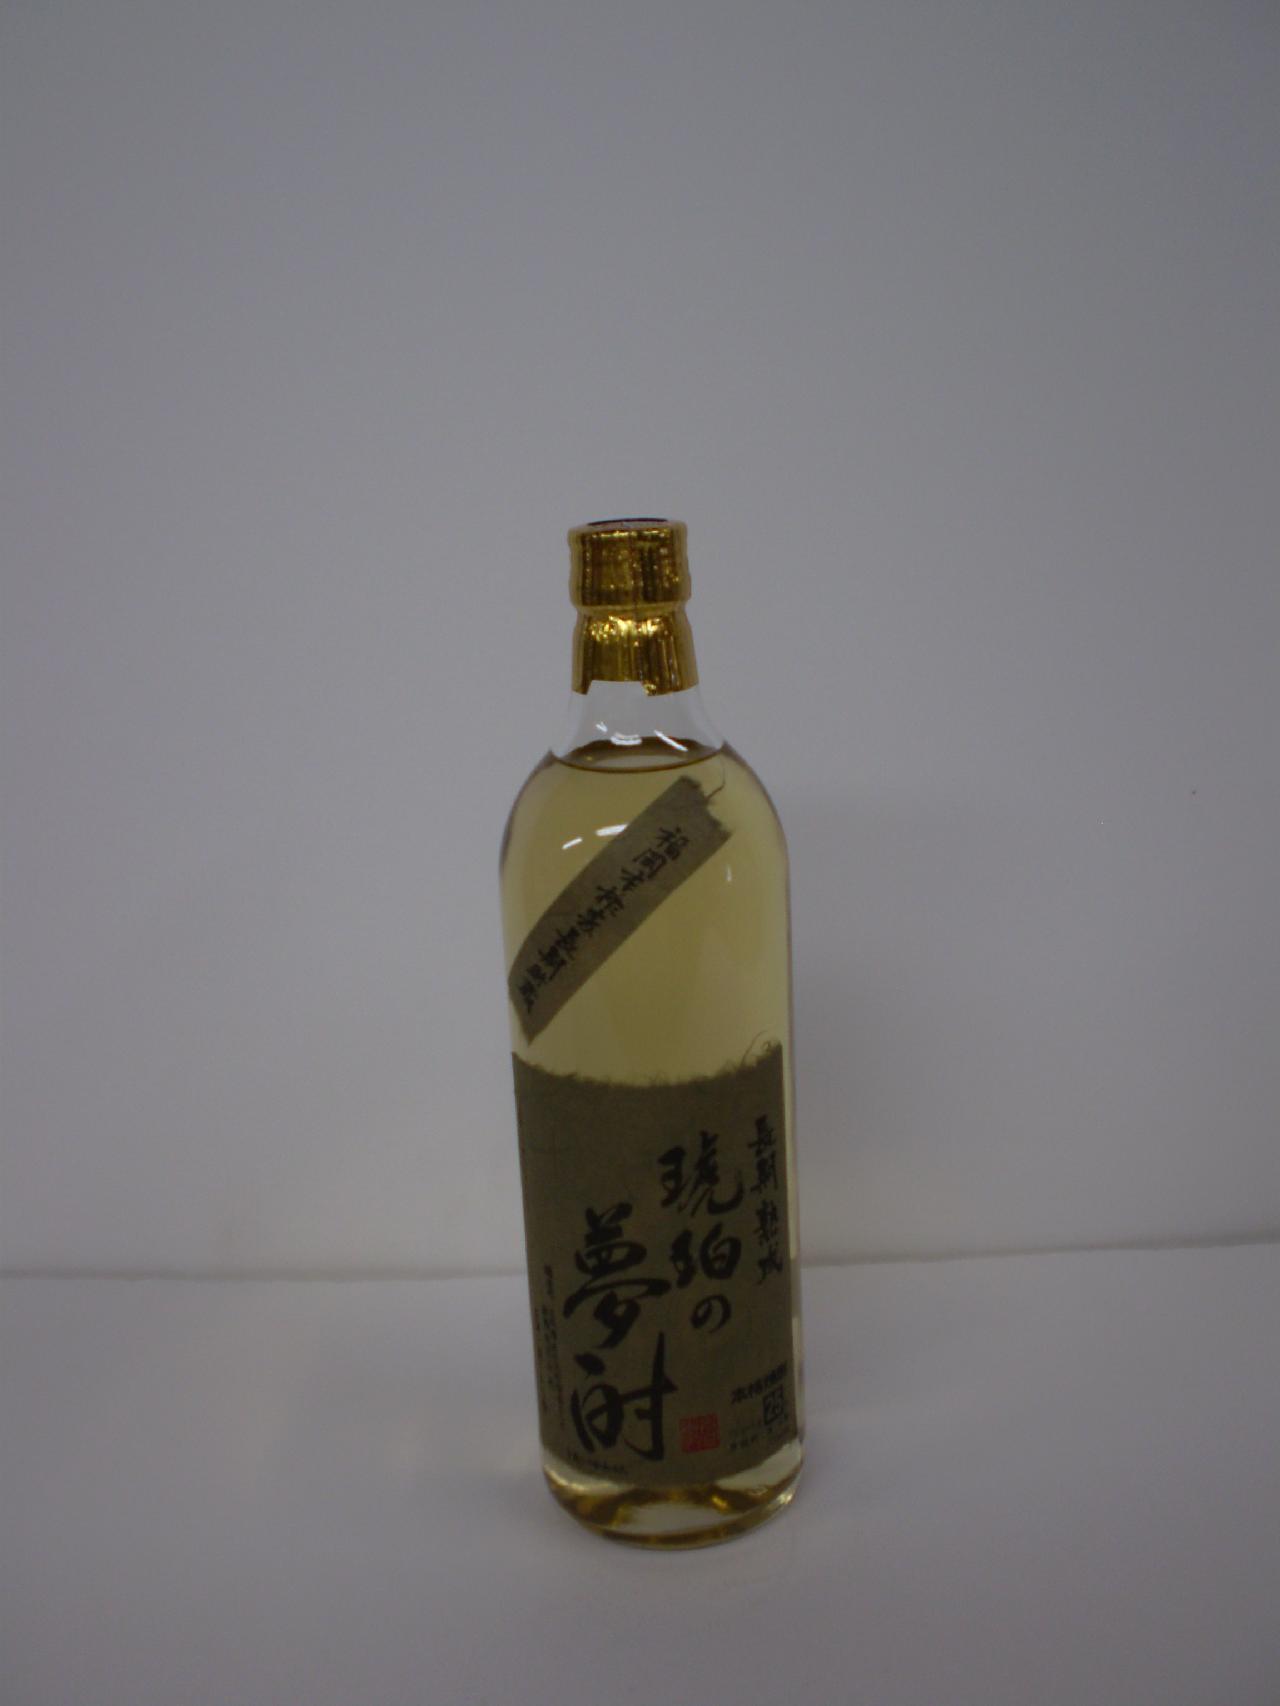 琥珀の夢酎 720ml 研醸